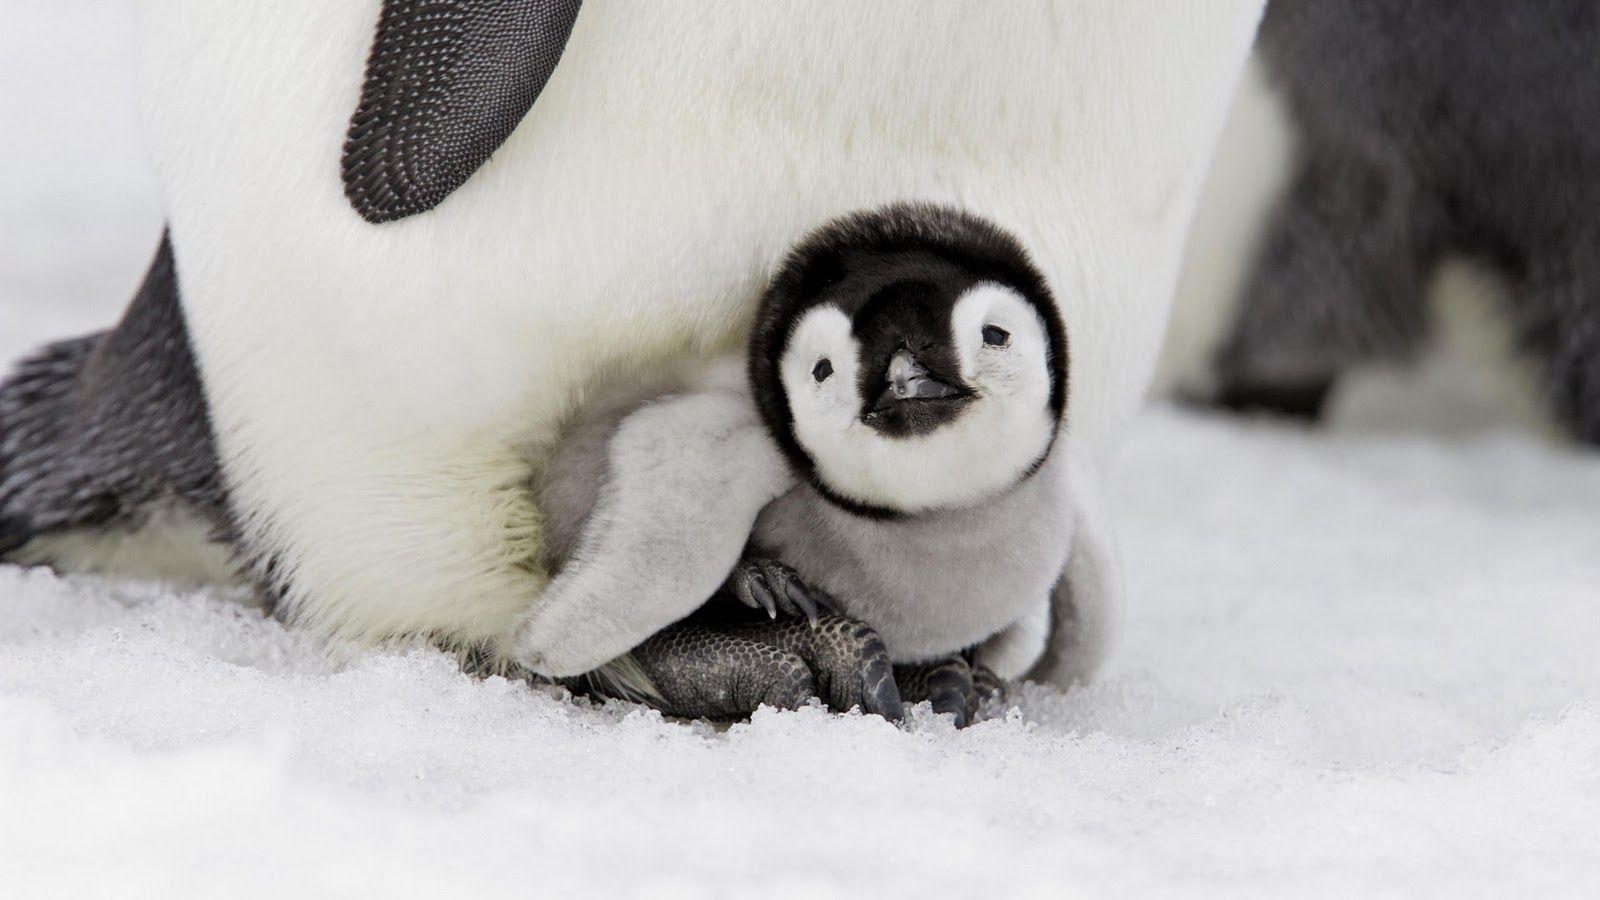 baby penguin images Baby Penguin Wallpaper HD Wallpapers 1600x900